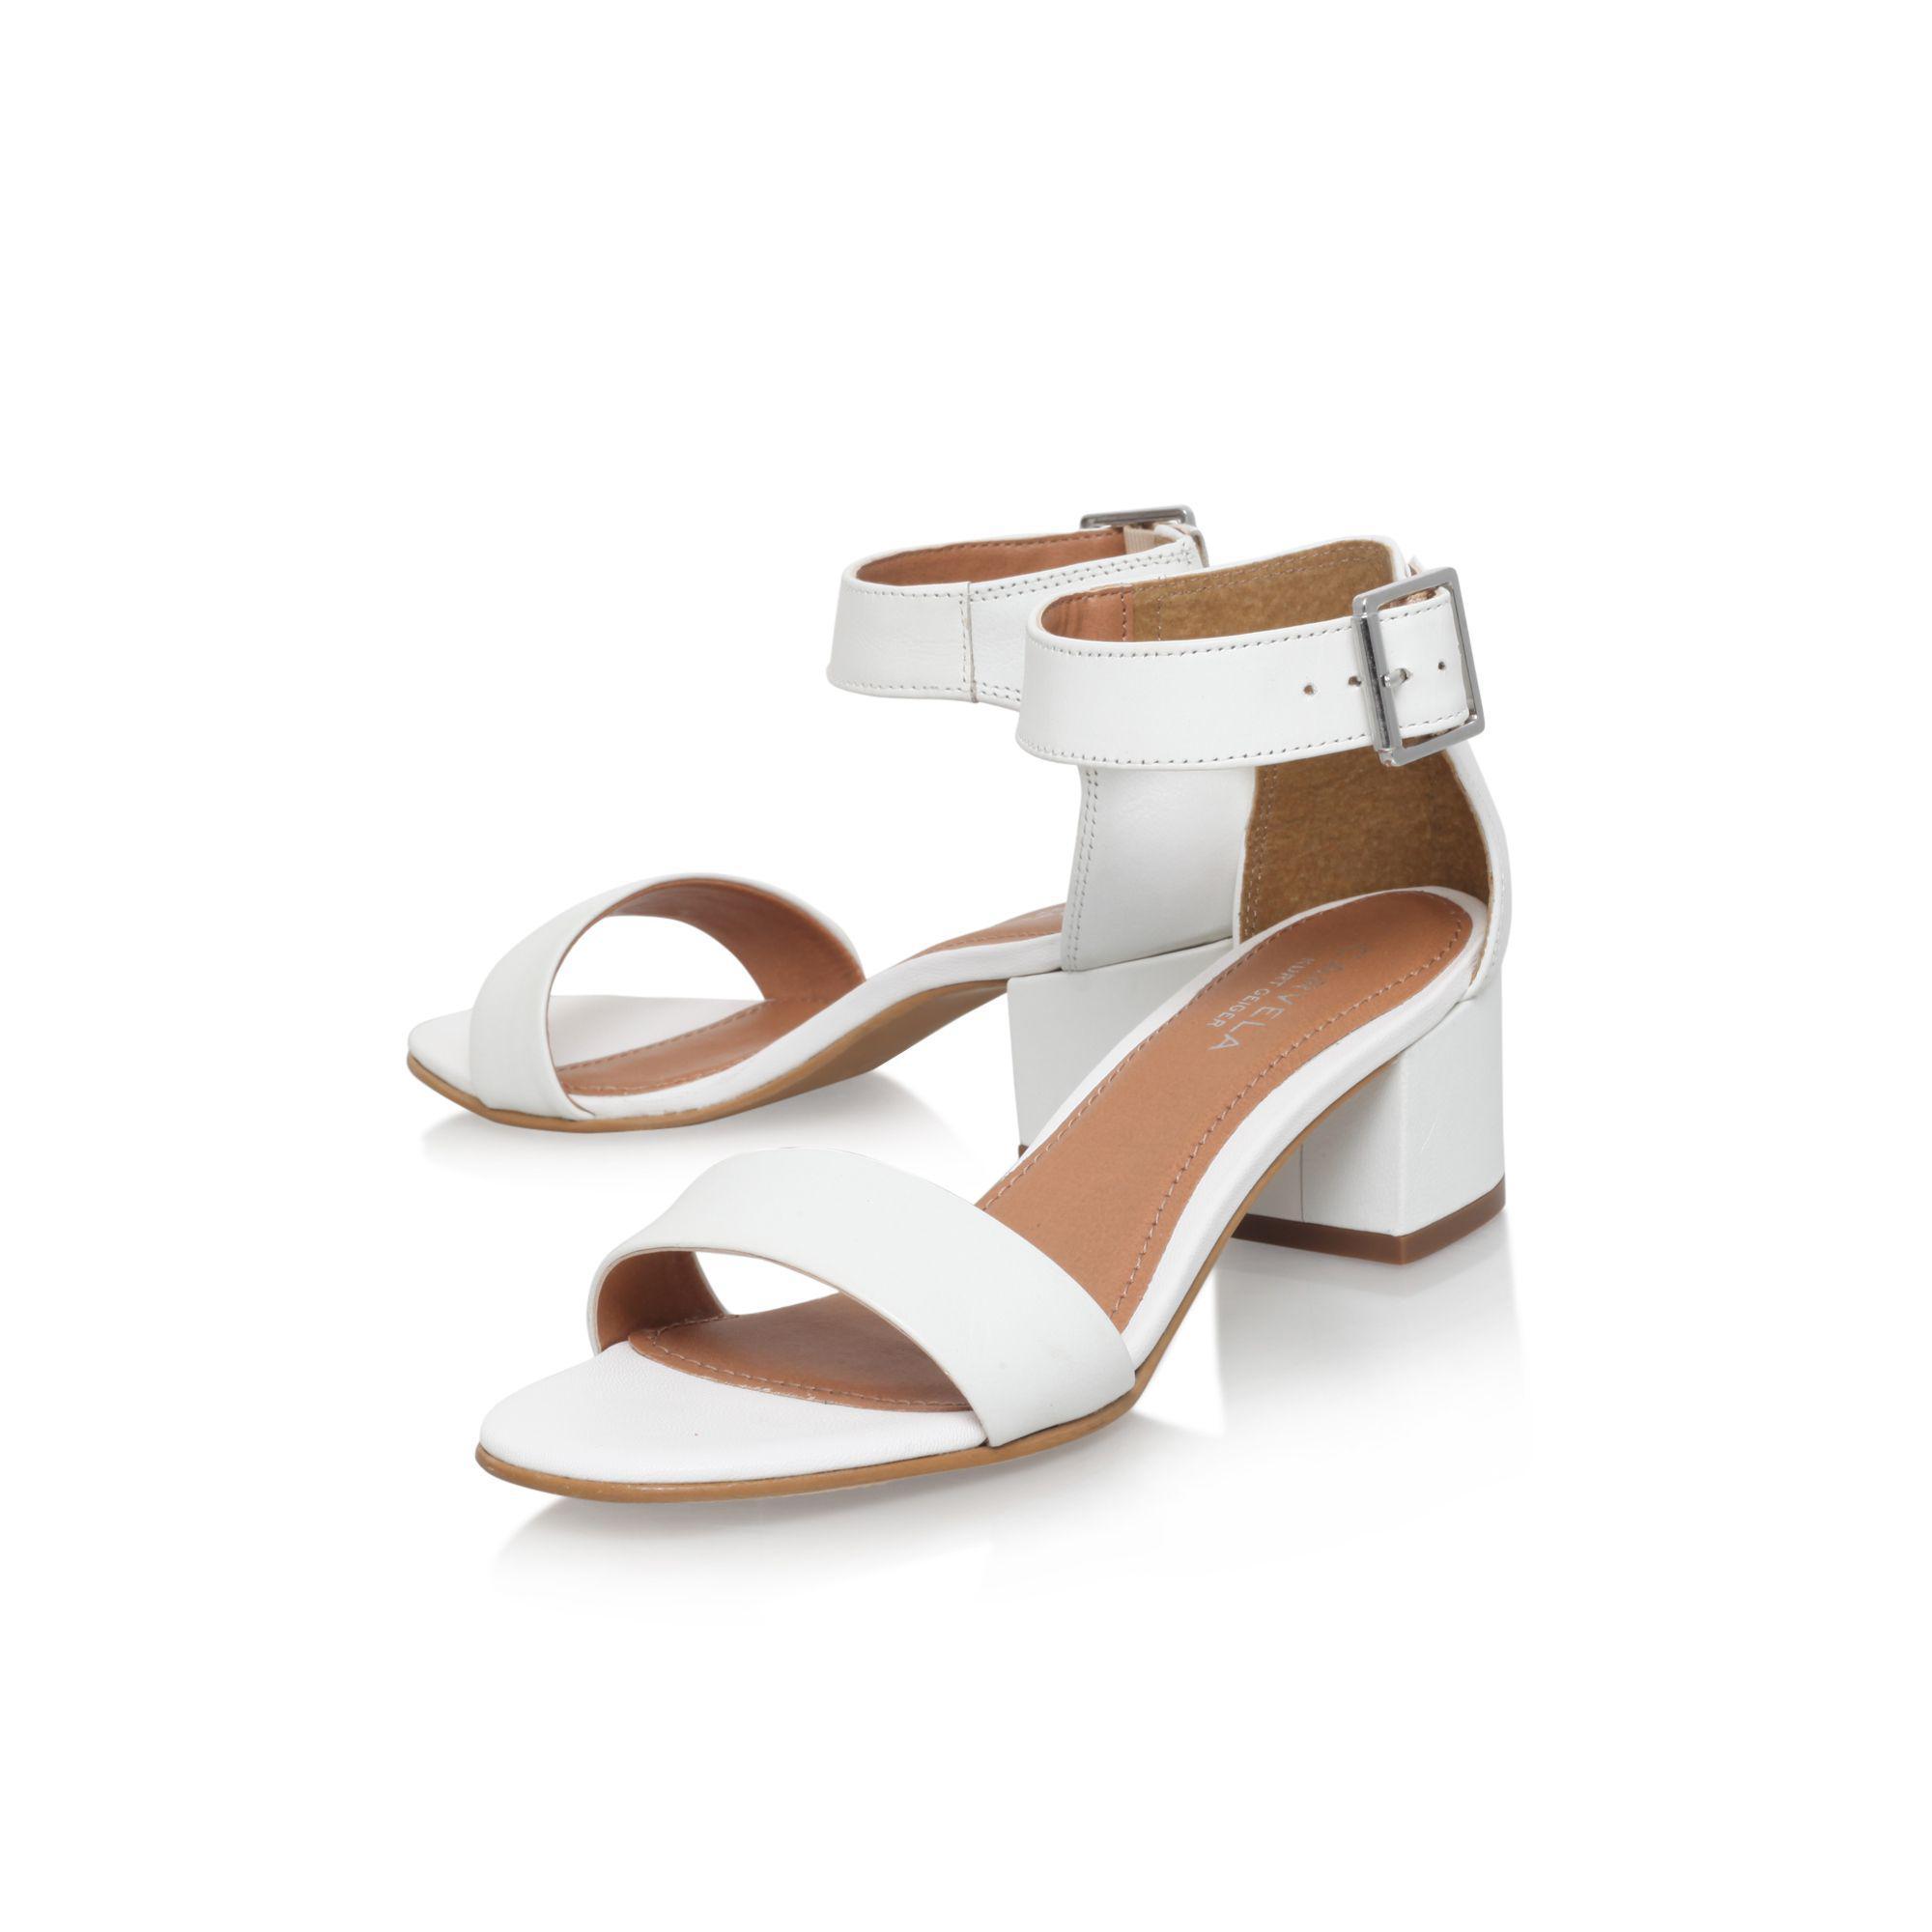 1a32575ba7fd Carvela Kurt Geiger - White  shadow  High Heel Sandals - Lyst. View  fullscreen